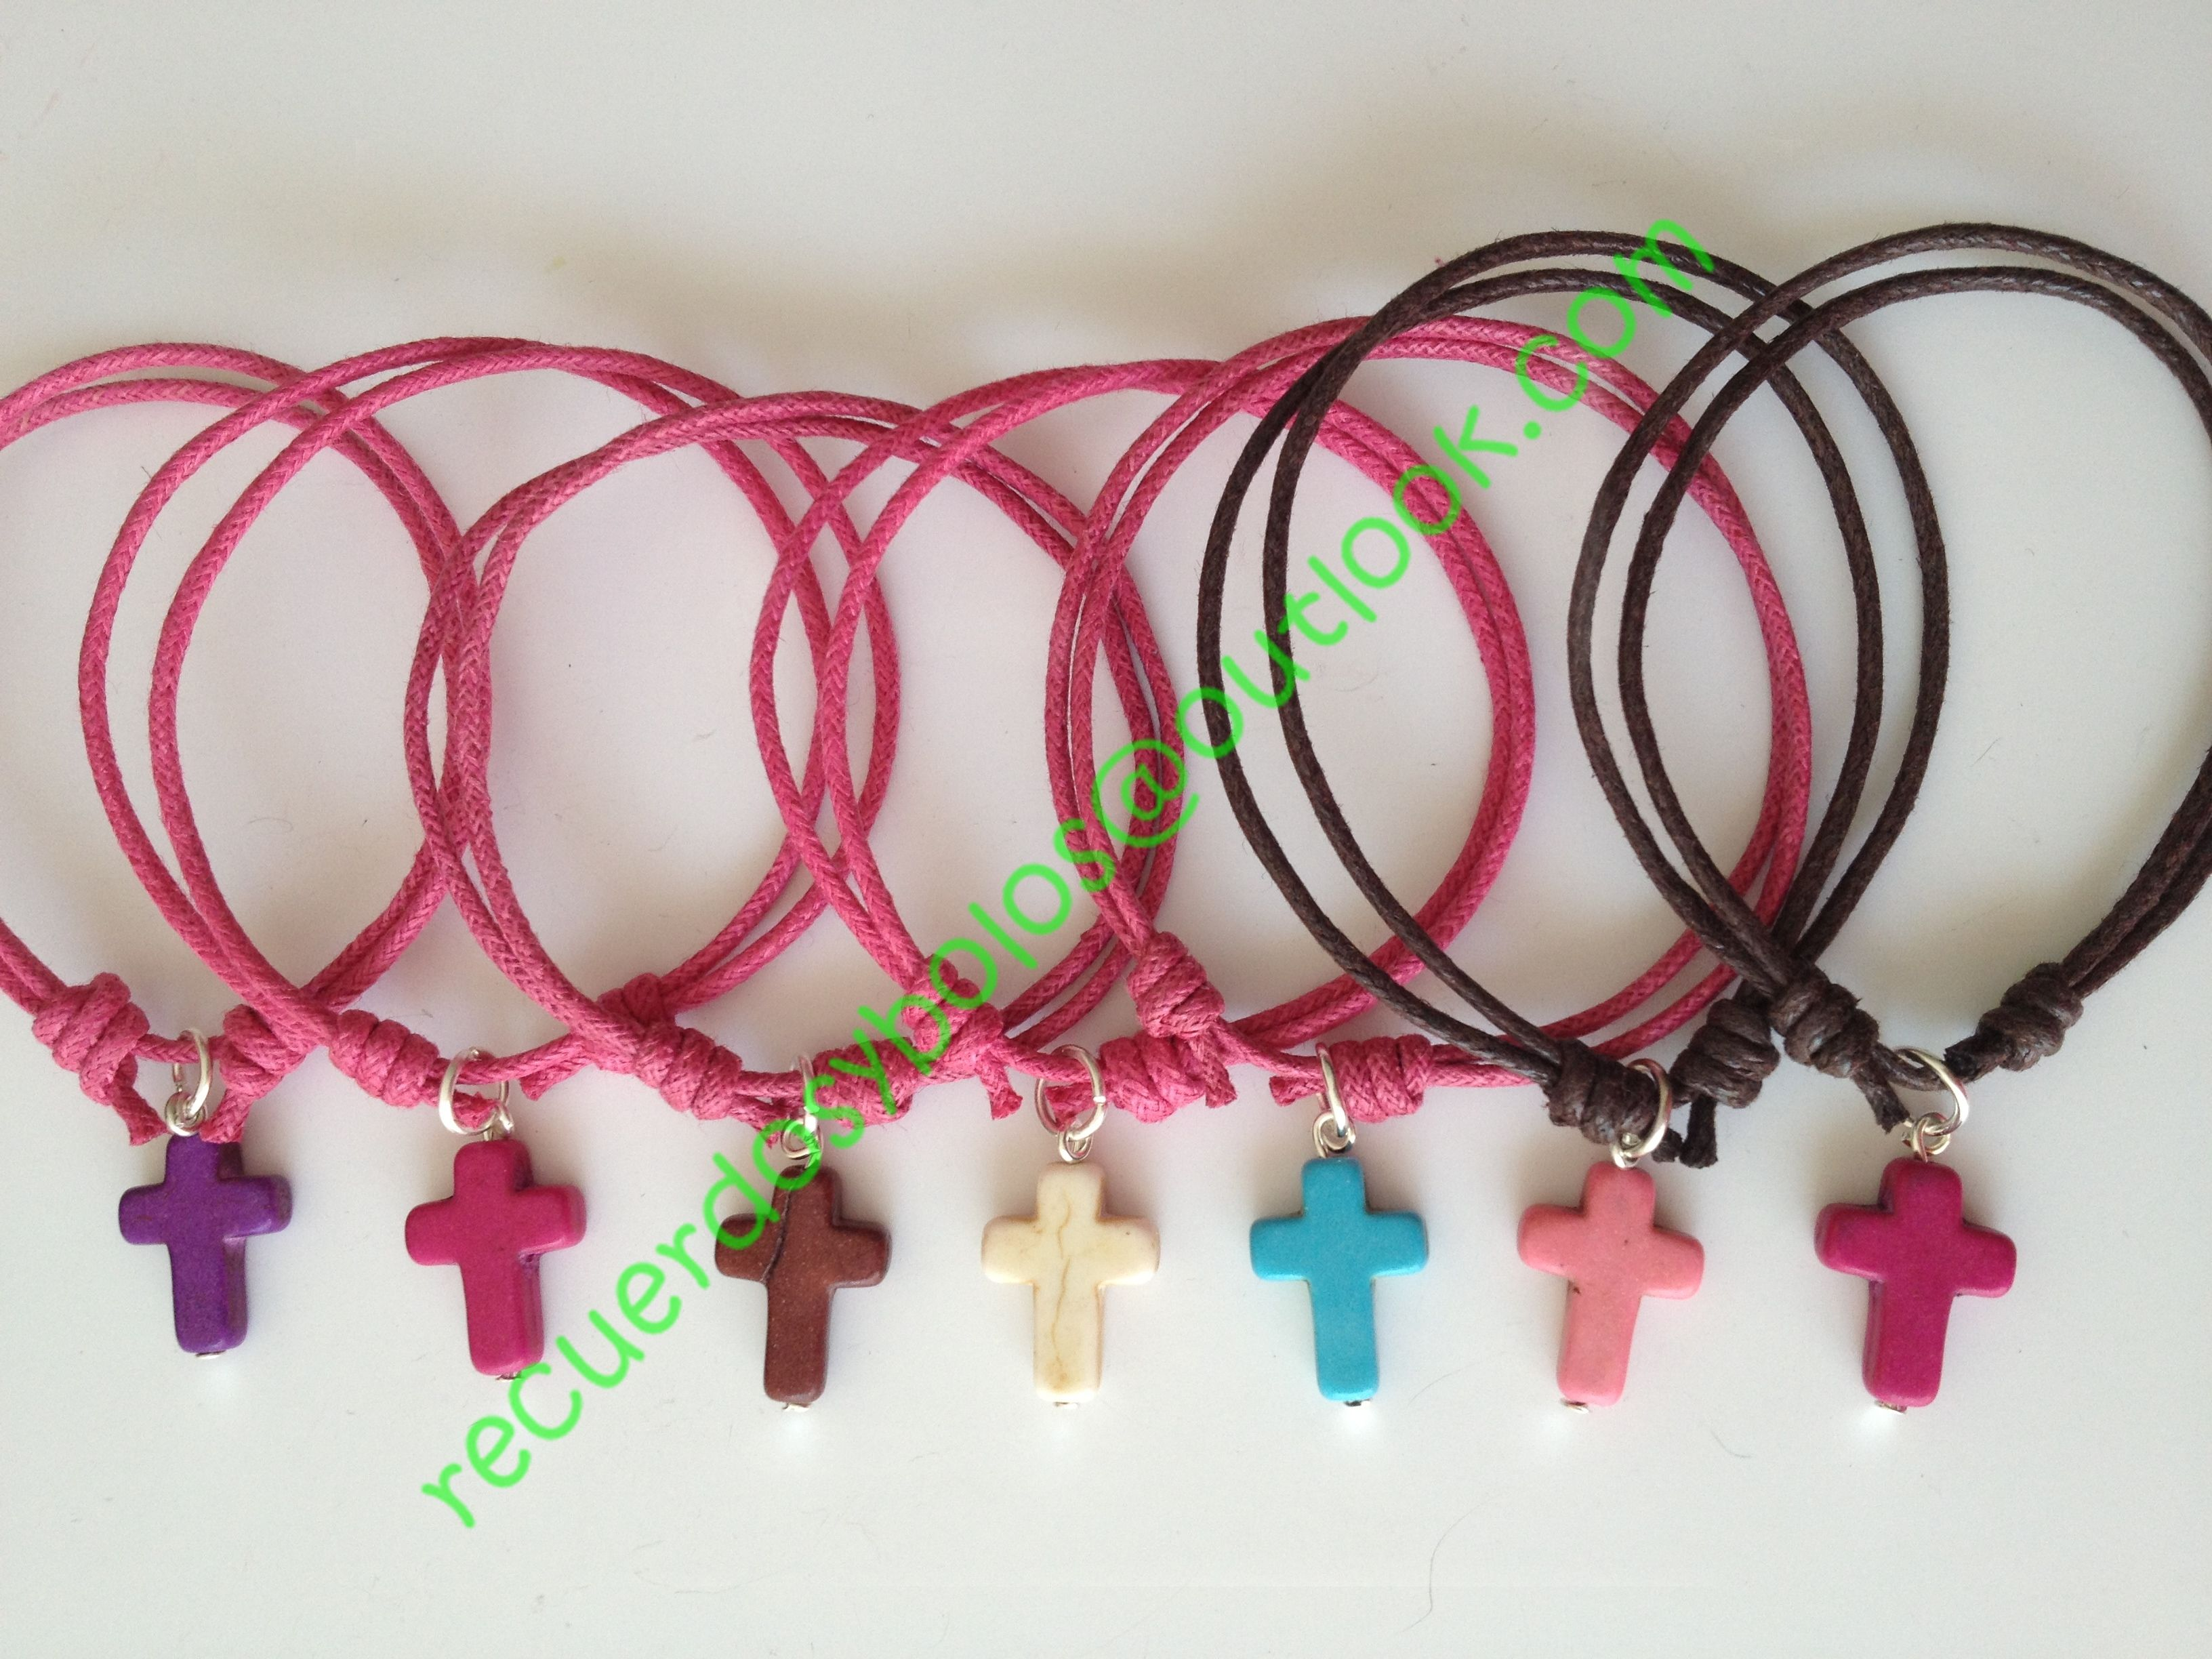 Pulseras con cruz turquesa como recuerdos para niñas de Primera Comunion 12.00 cu